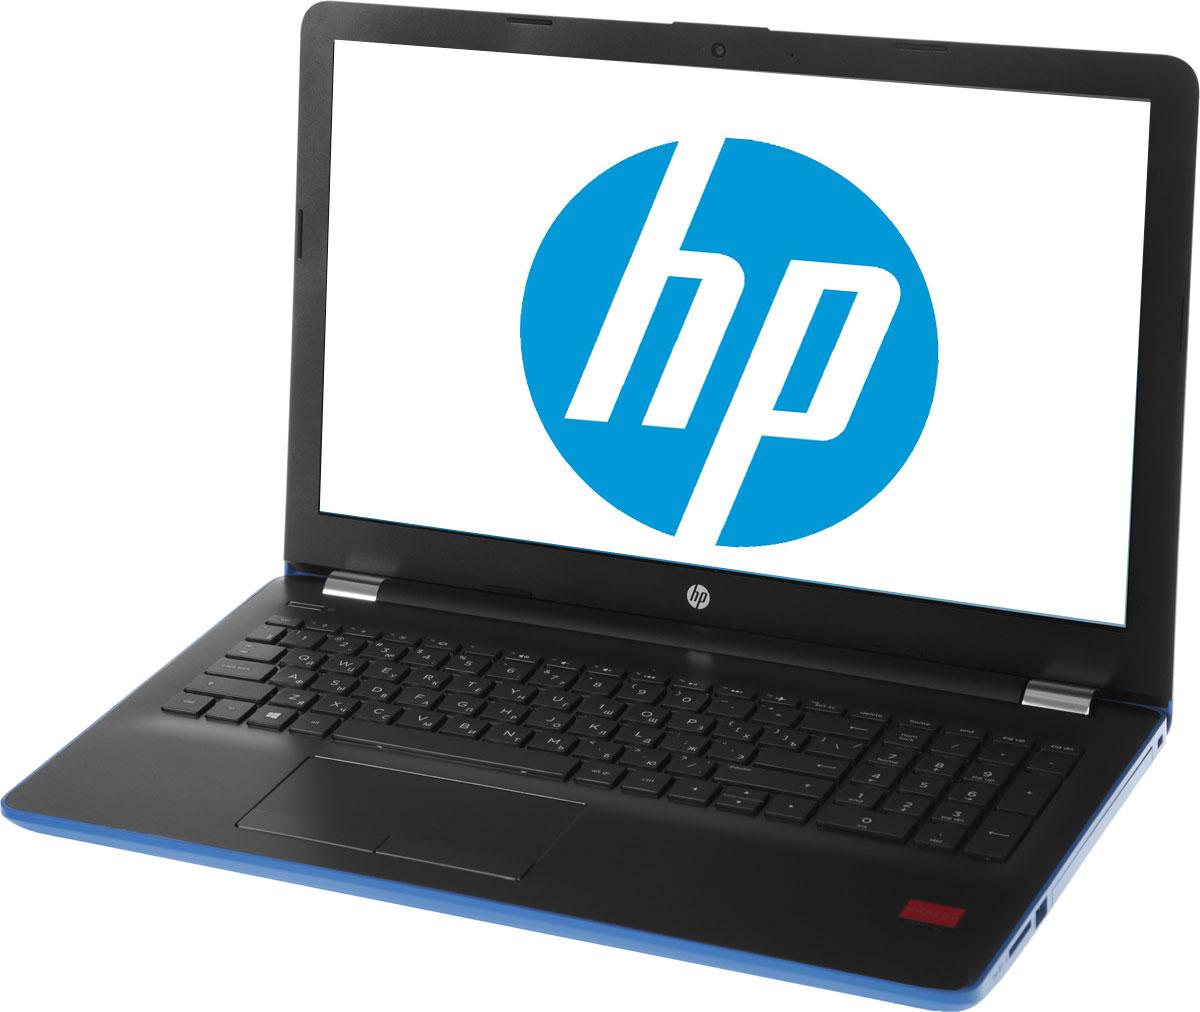 HP 15-bw509ur, Blue (2FN01EA)2FN01EAСтильный ноутбук HP 15-bw509ur, помимо выполнения повседневных задач, поможет вам оставаться на связи весь день. Благодаря неизменно высокой производительности и длительному времени работы от аккумулятора вы можете с комфортом пользоваться Интернетом, вести потоковое вещание и оставаться на связи с нужными людьми.Новейшие процессоры AMD обеспечивают неизменно высокую производительность, которая необходима для работы и развлечений. Надежность и долговечность ноутбука позволят легко выполнять все необходимые задачи.Развлекайтесь и оставайтесь на связи с друзьями и семьей благодаря превосходному дисплею HD (или Full HD в некоторых моделях) и камере HD в некоторых моделях. Кроме того, с этим ноутбуком ваши любимые музыка, фильмы и фотографии будут всегда с вами.Продуманная конструкция и замечательный дизайн этого ноутбука HP с дисплеем диагональю 39,6 см (15,6) идеально подойдут для вашего образа жизни. Изящное оформление, оригинальное покрытие и хромированное шарнирное крепление (на некоторых моделях) добавят немного цвета в будни.Полноразмерная клавиатура островного типа с цифровой клавишной панелью.Сенсорная панель с поддержкой технологии Multi-Touch.Точные характеристики зависят от модификации.Ноутбук сертифицирован EAC и имеет русифицированную клавиатуру и Руководство пользователя